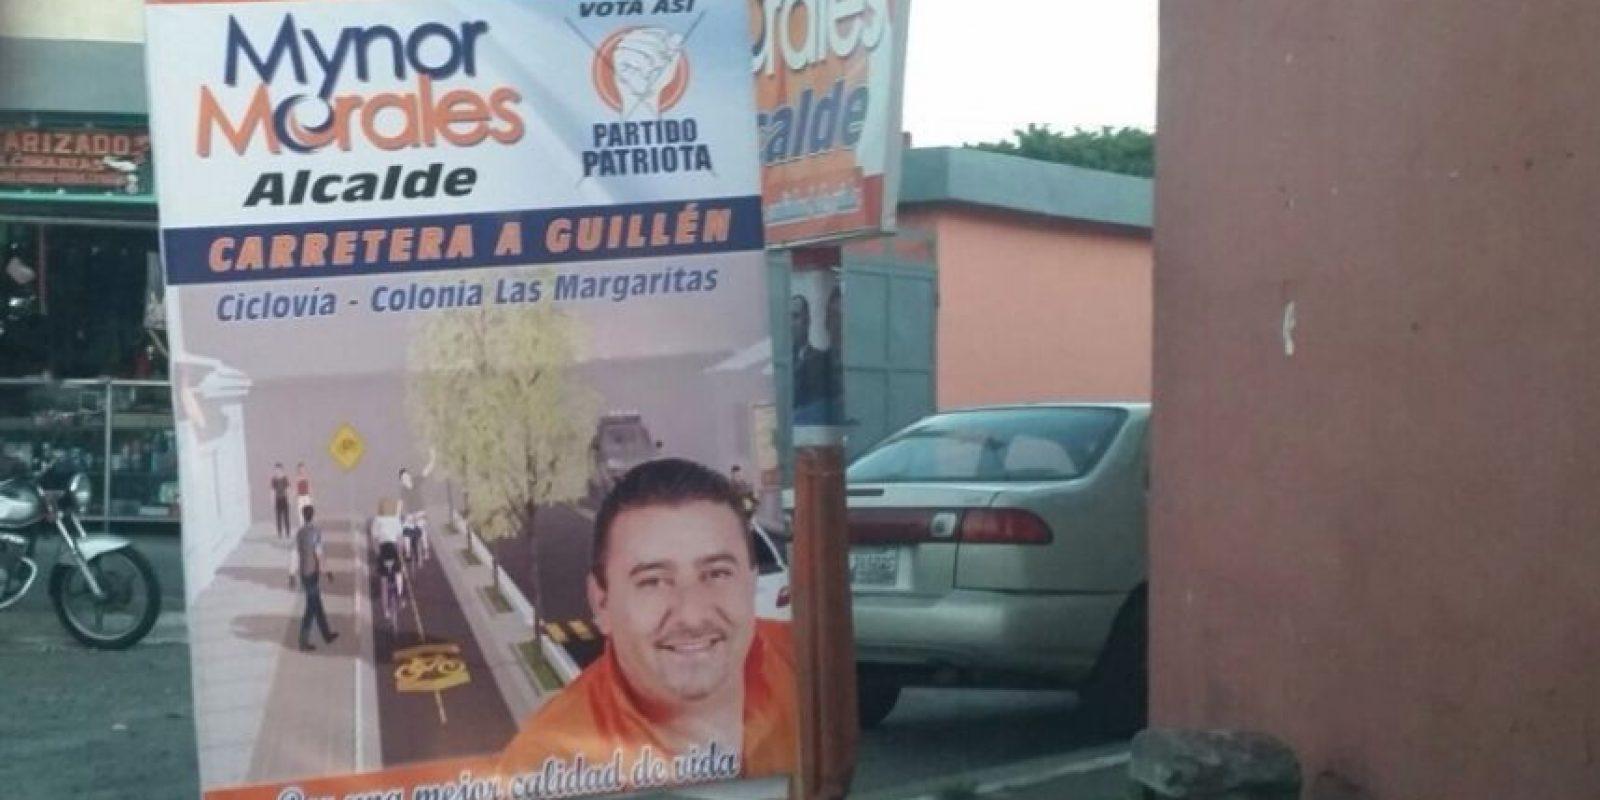 Excandidato Mynor Morales